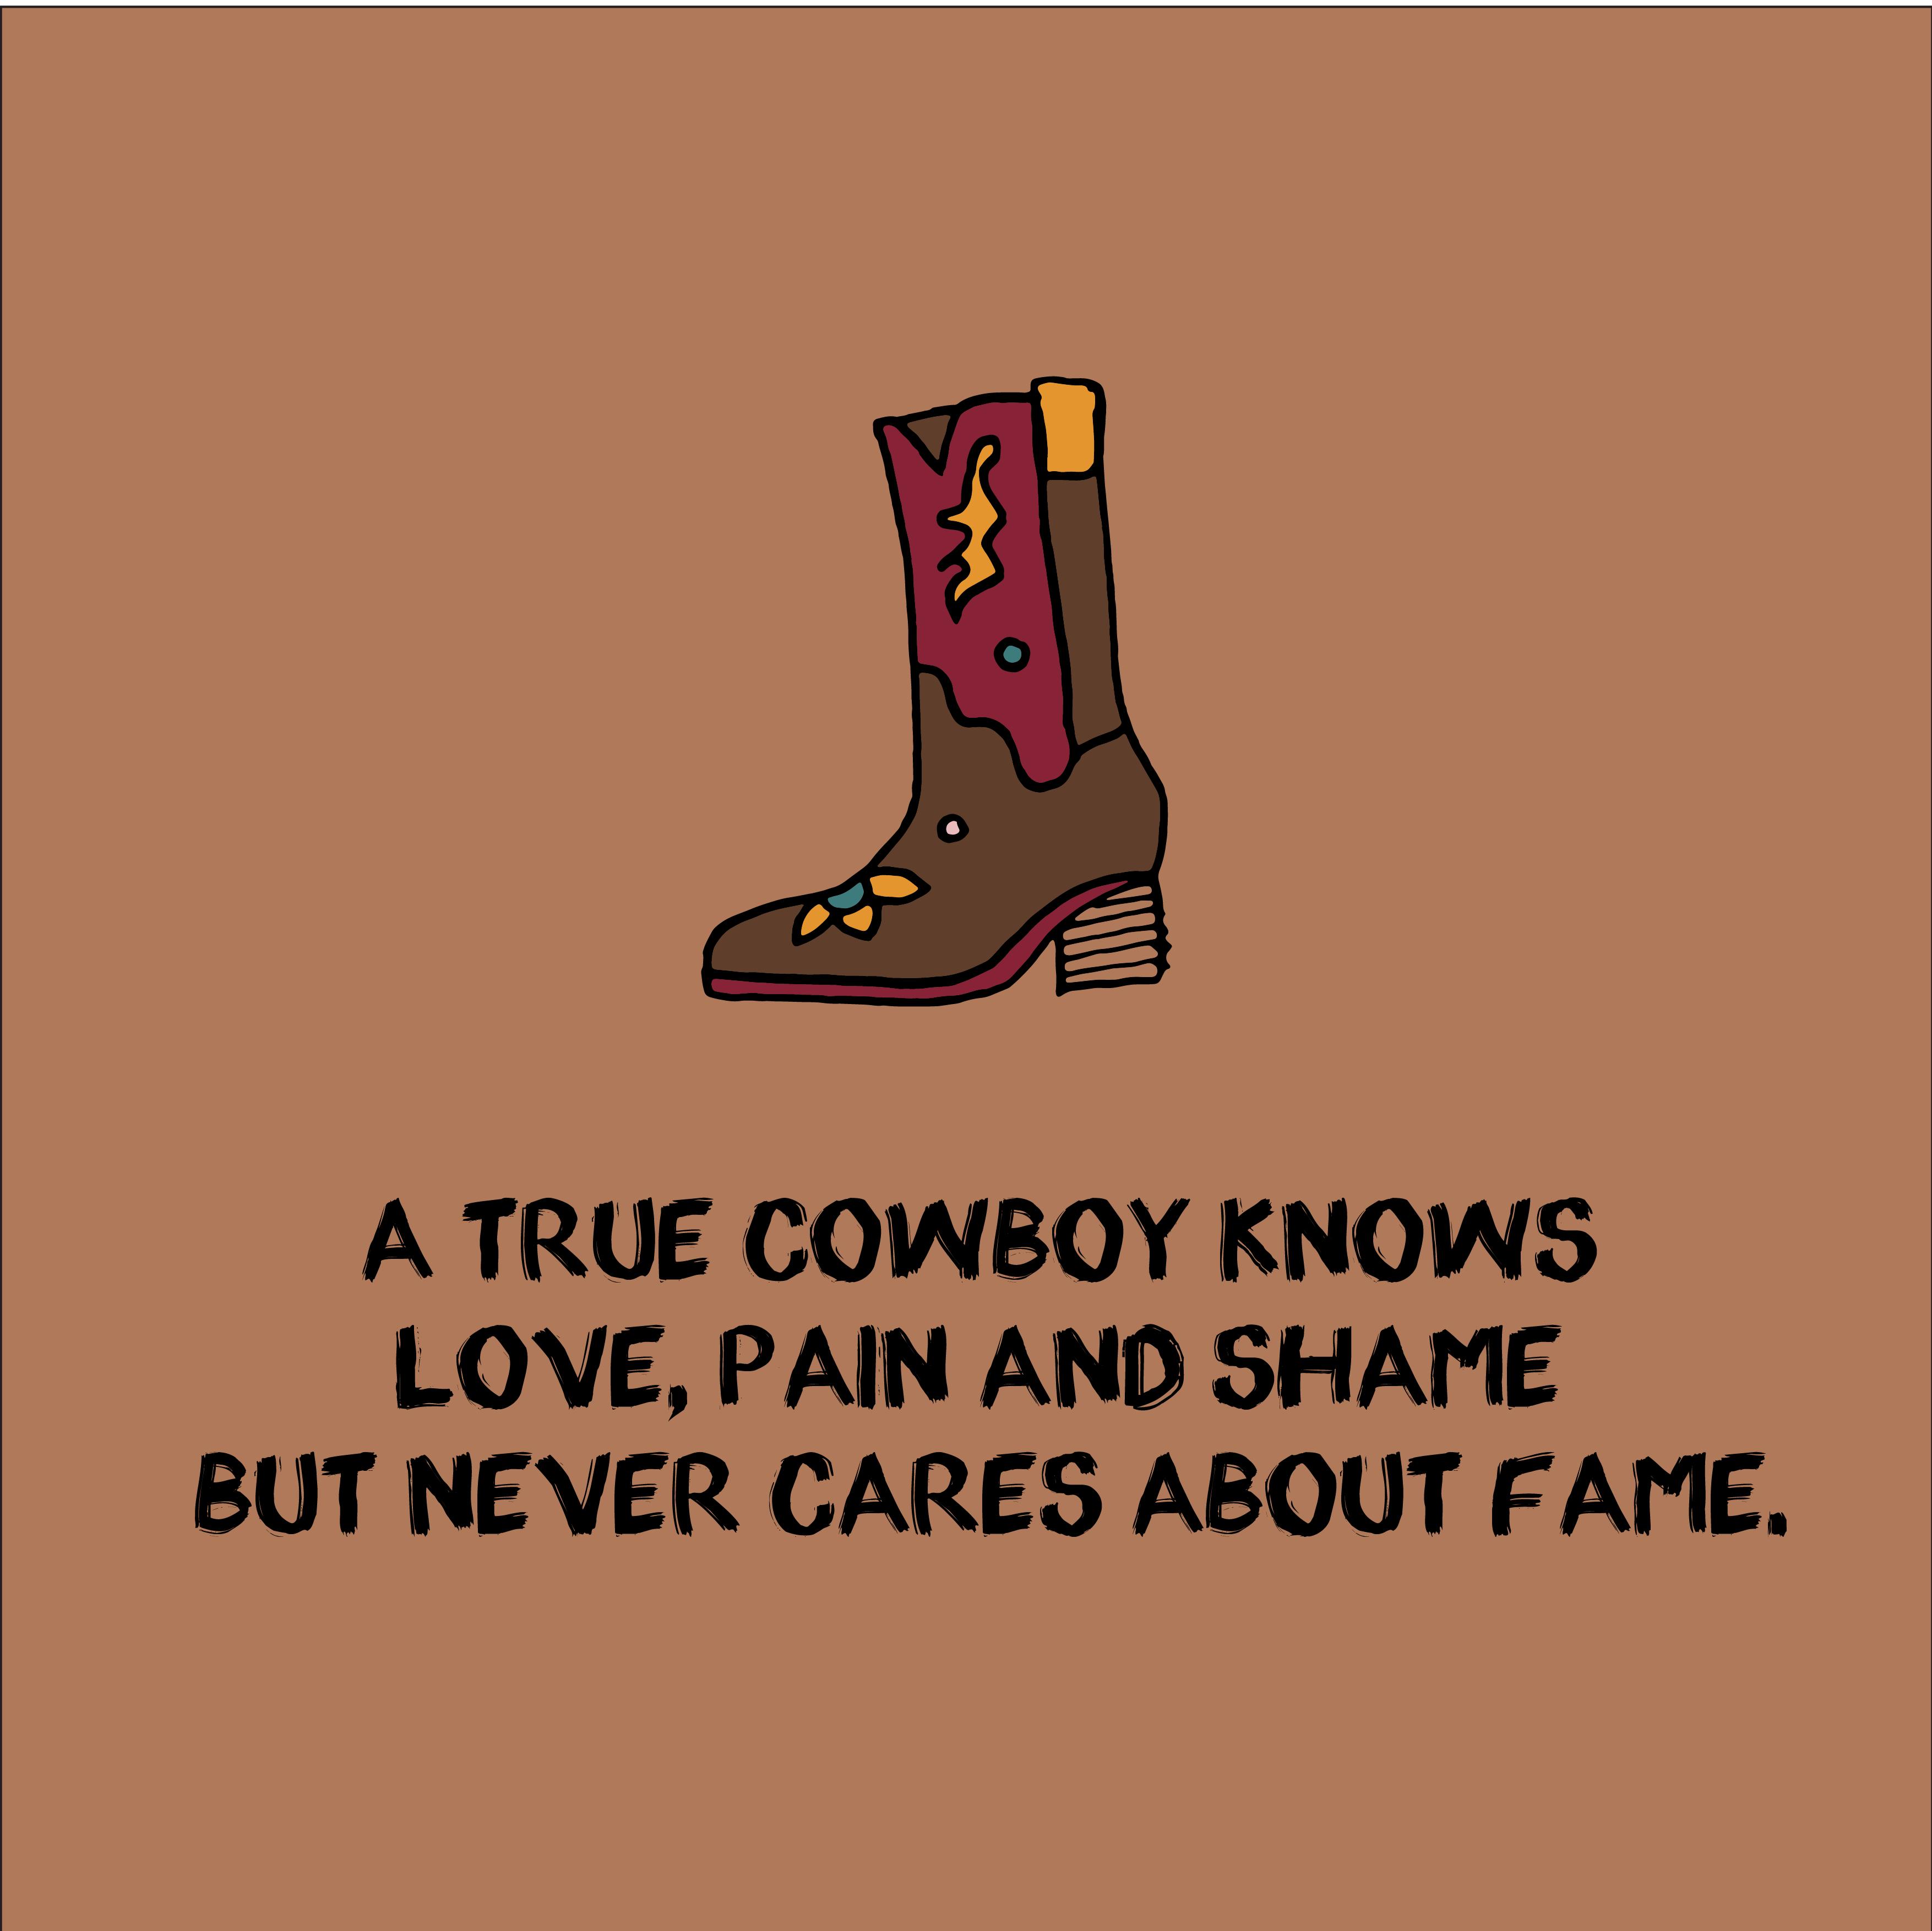 cowboy-quotes-03